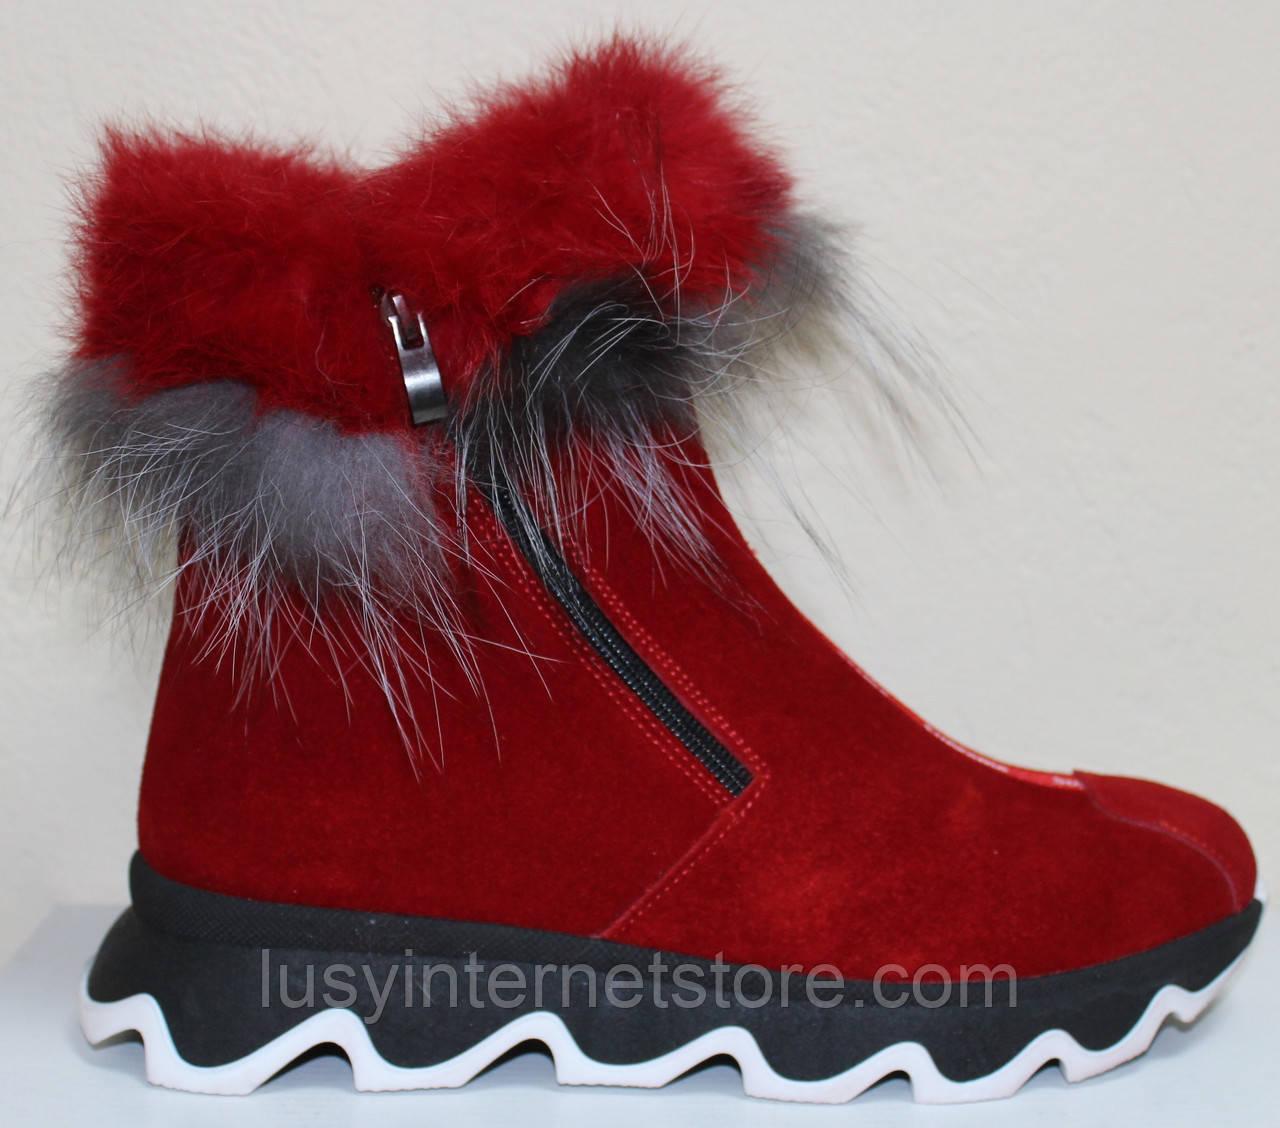 Ботинки женские замшевые зимние с натуральным мехом на толстой подошве от производителя модель УН518